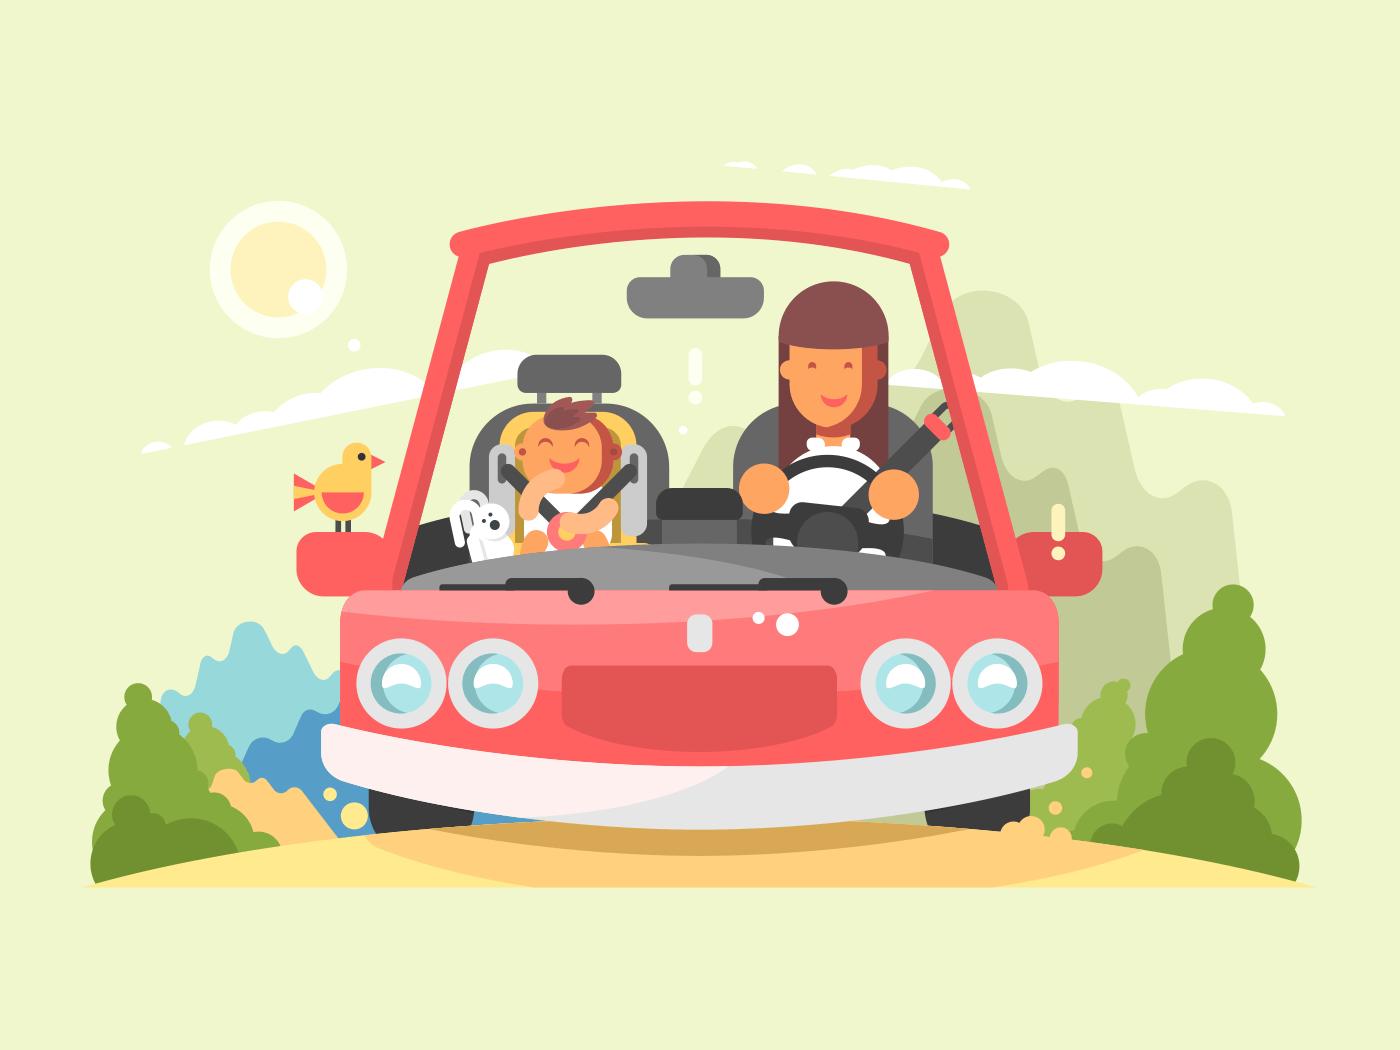 Car safe driving flat vector illustration